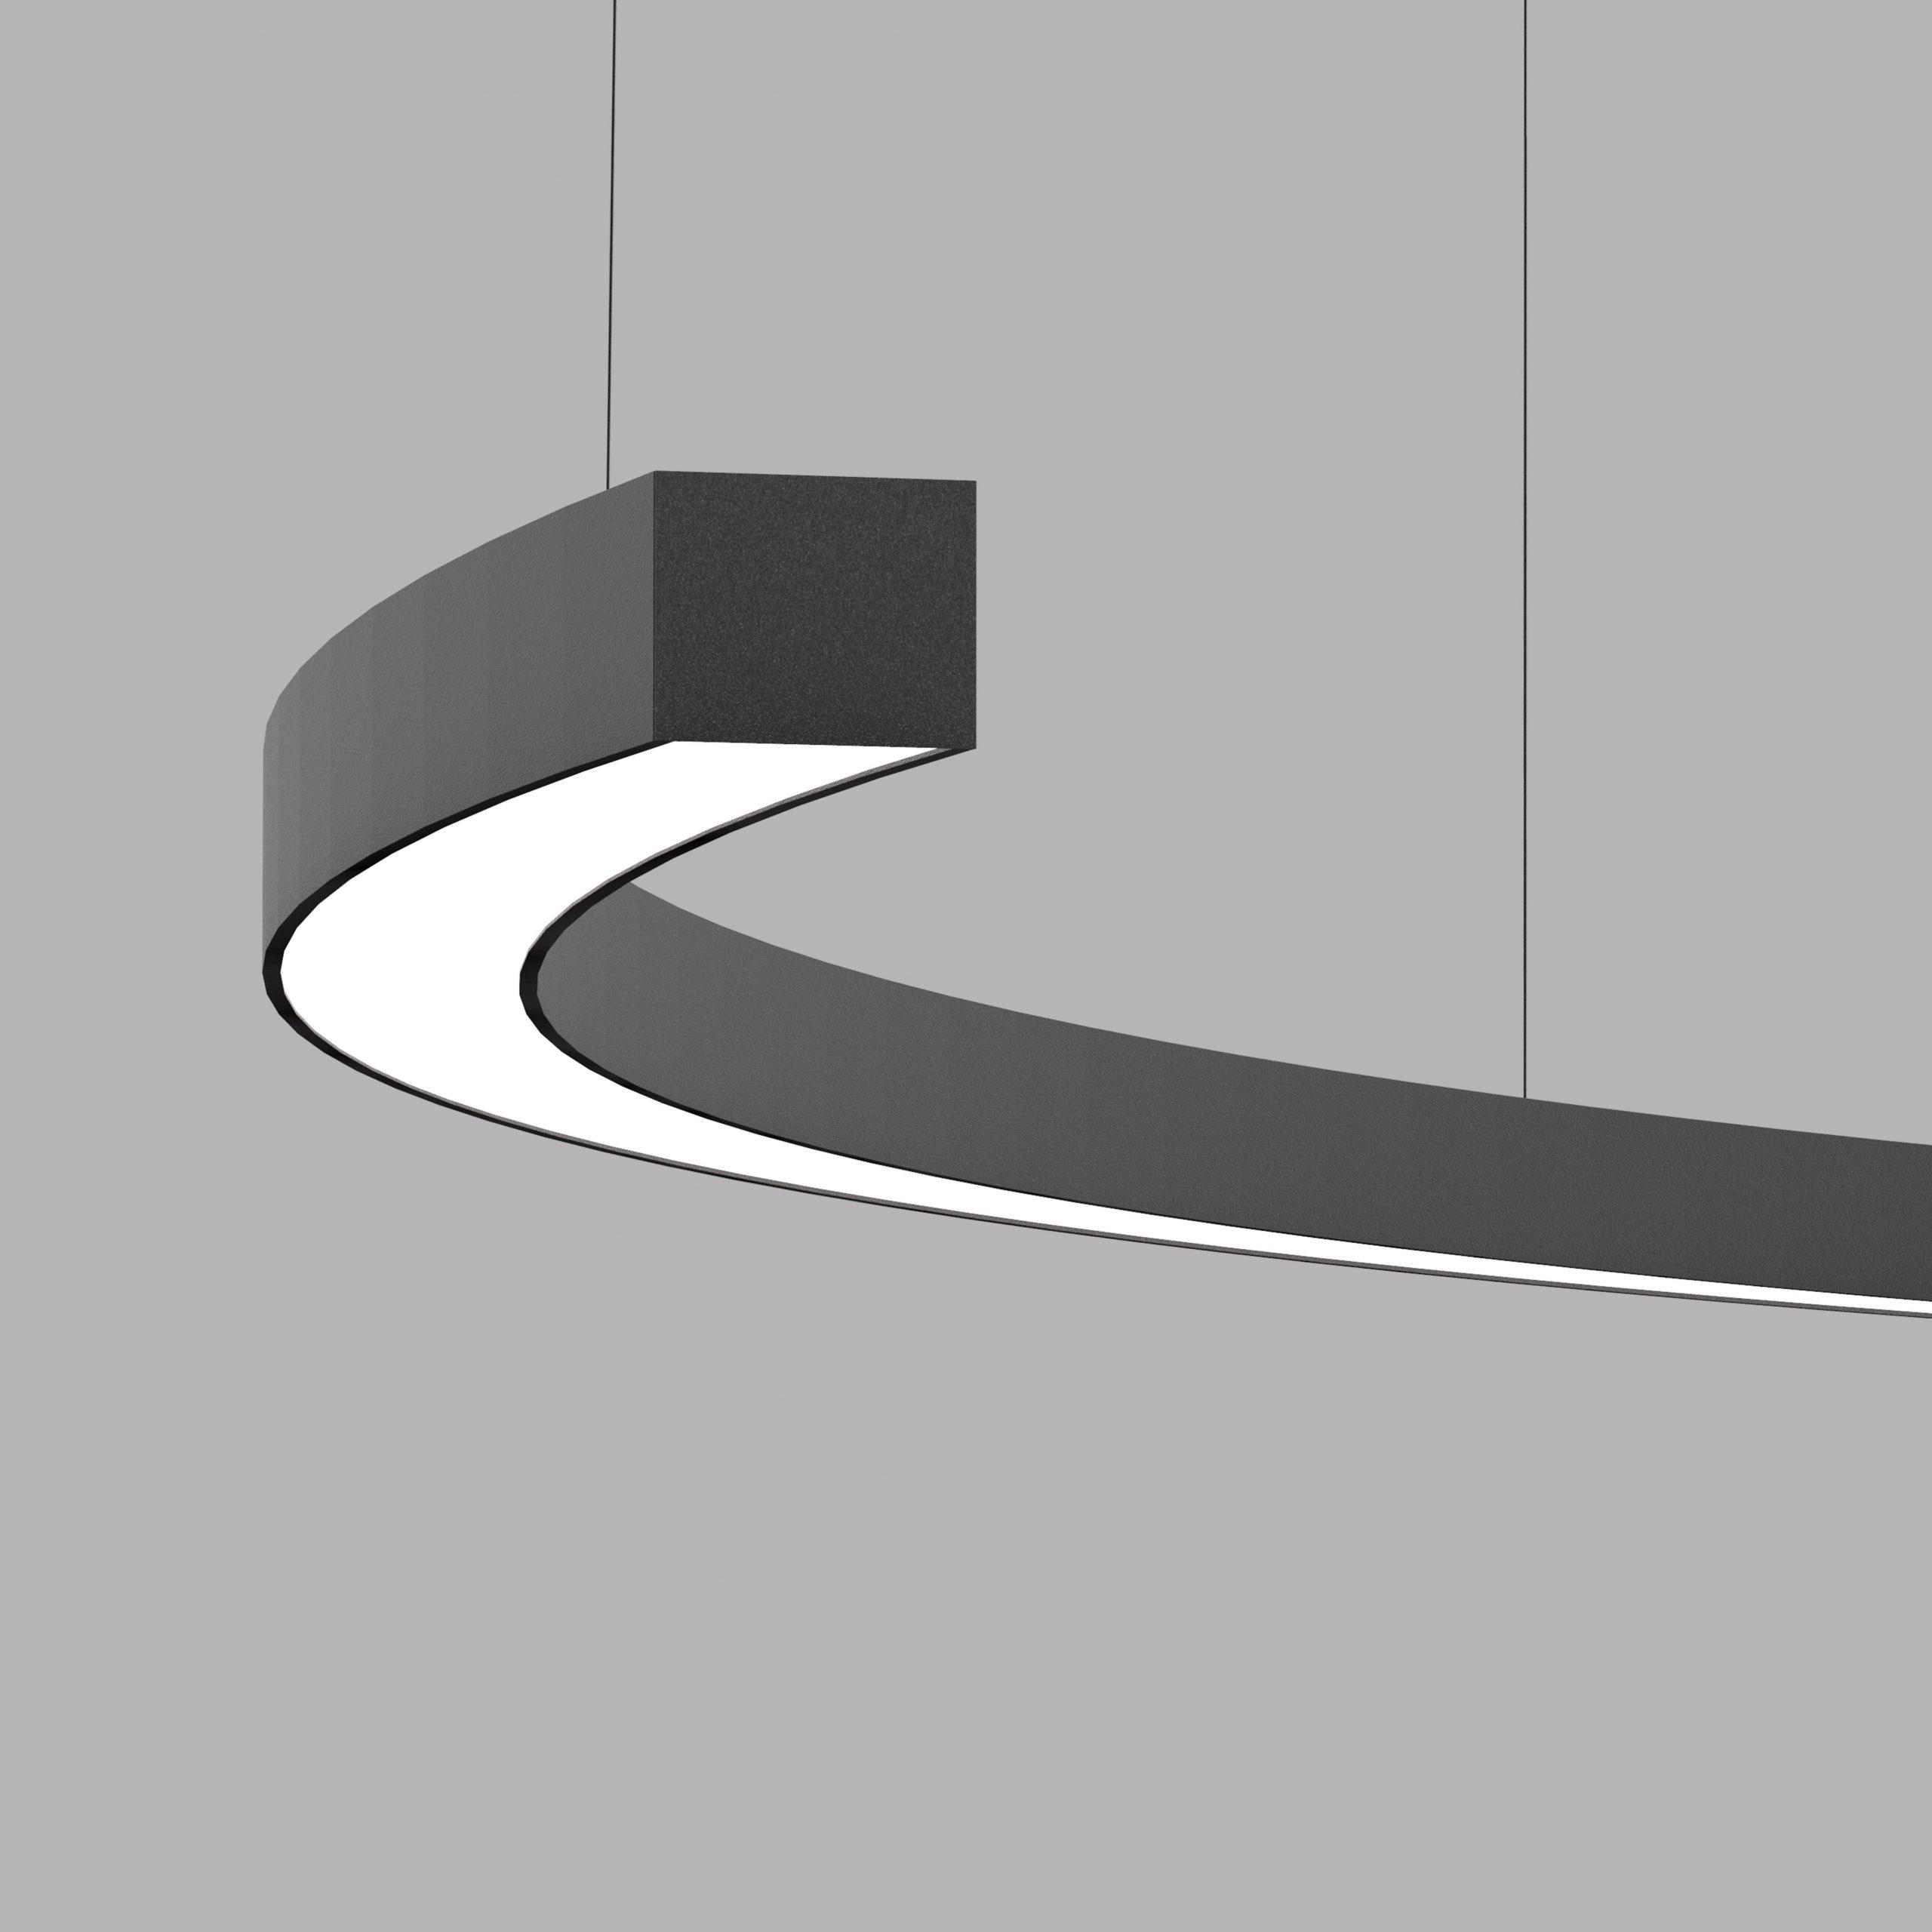 Circular-Curve-Susp